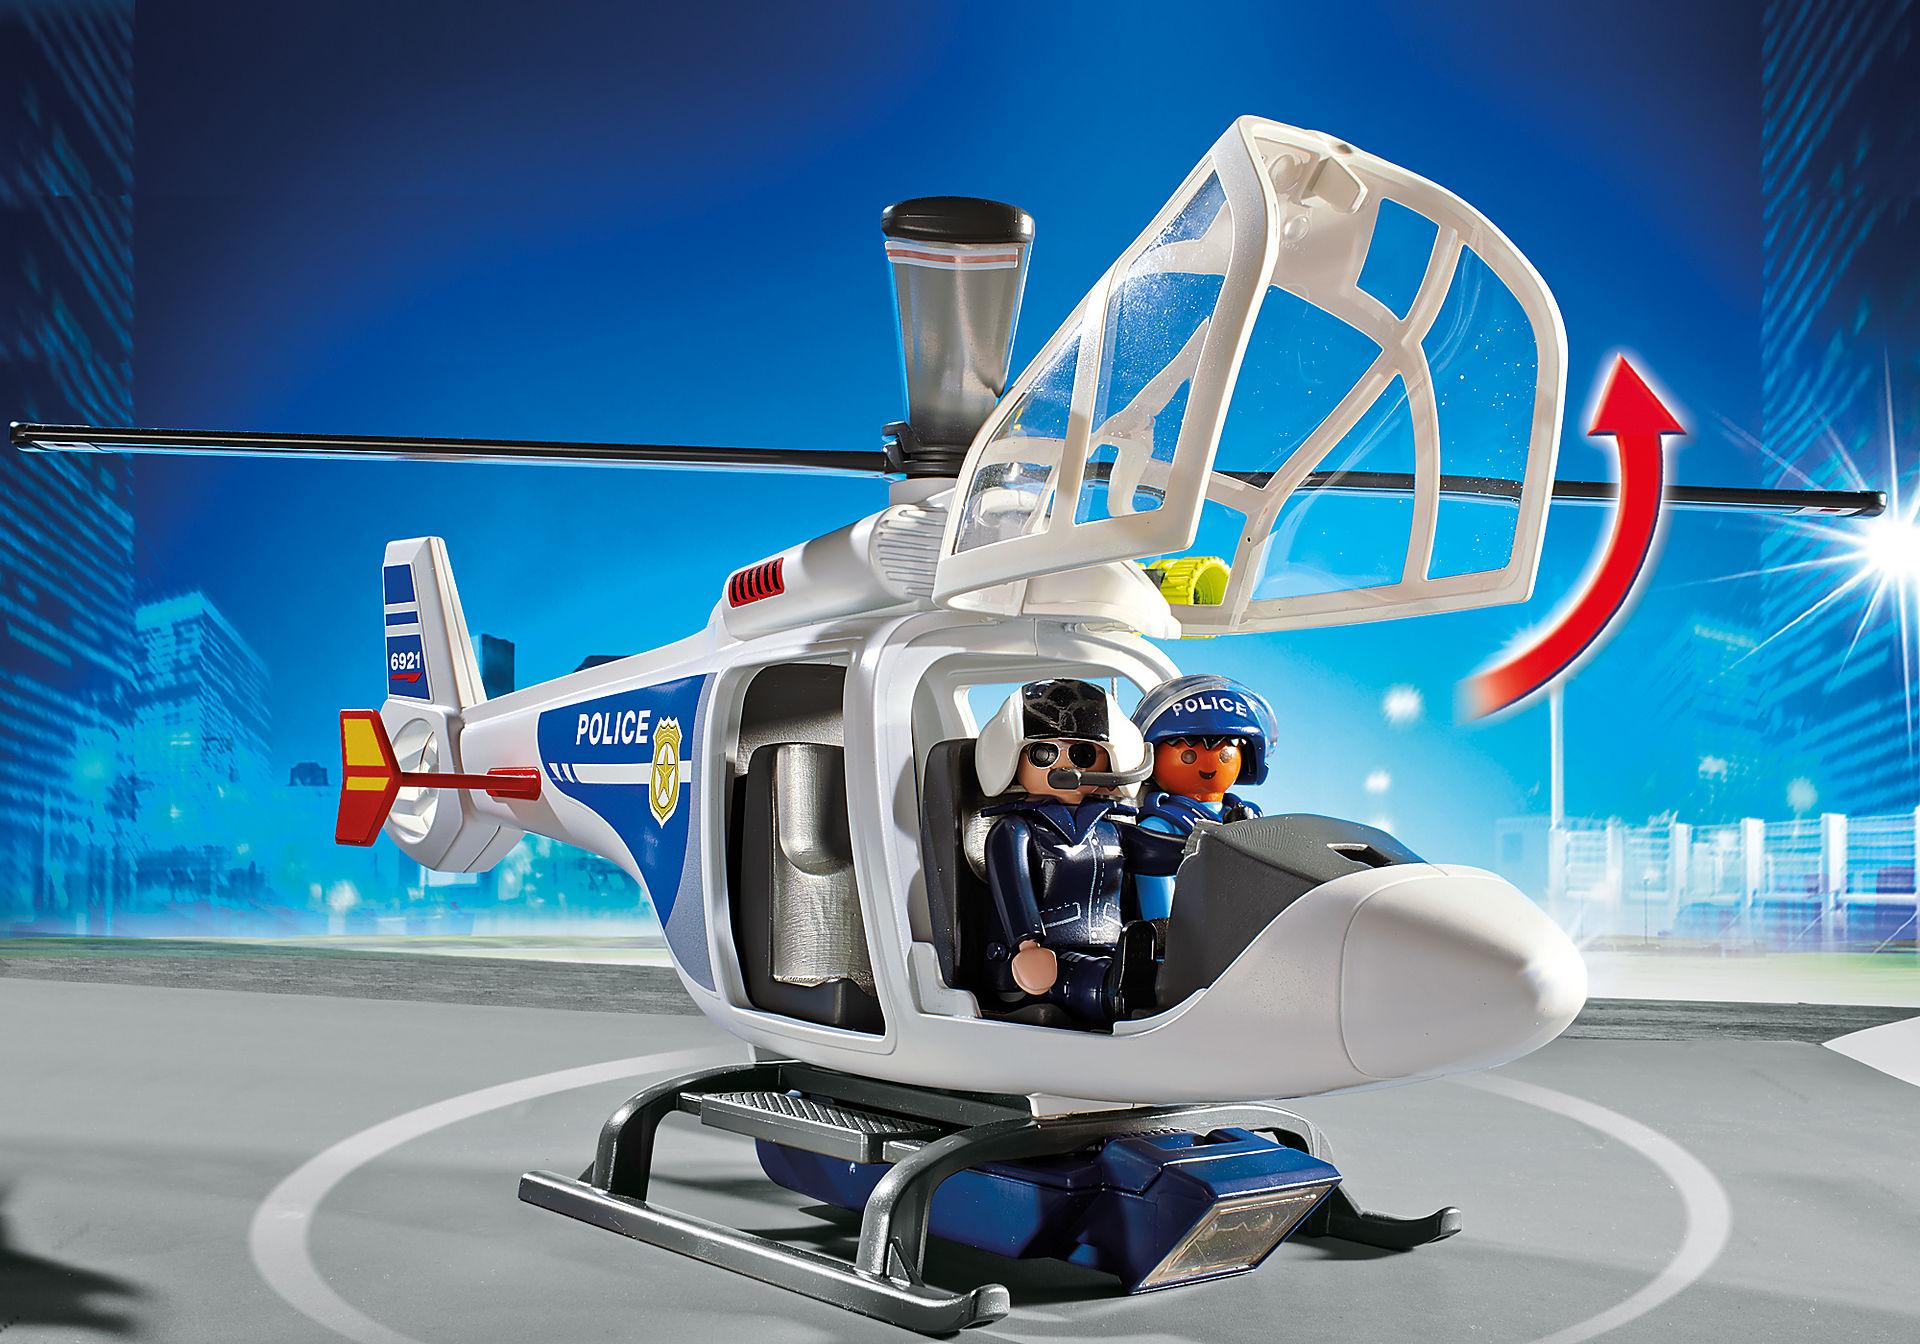 6921 Hélicoptère de police avec projecteur de recherche zoom image4